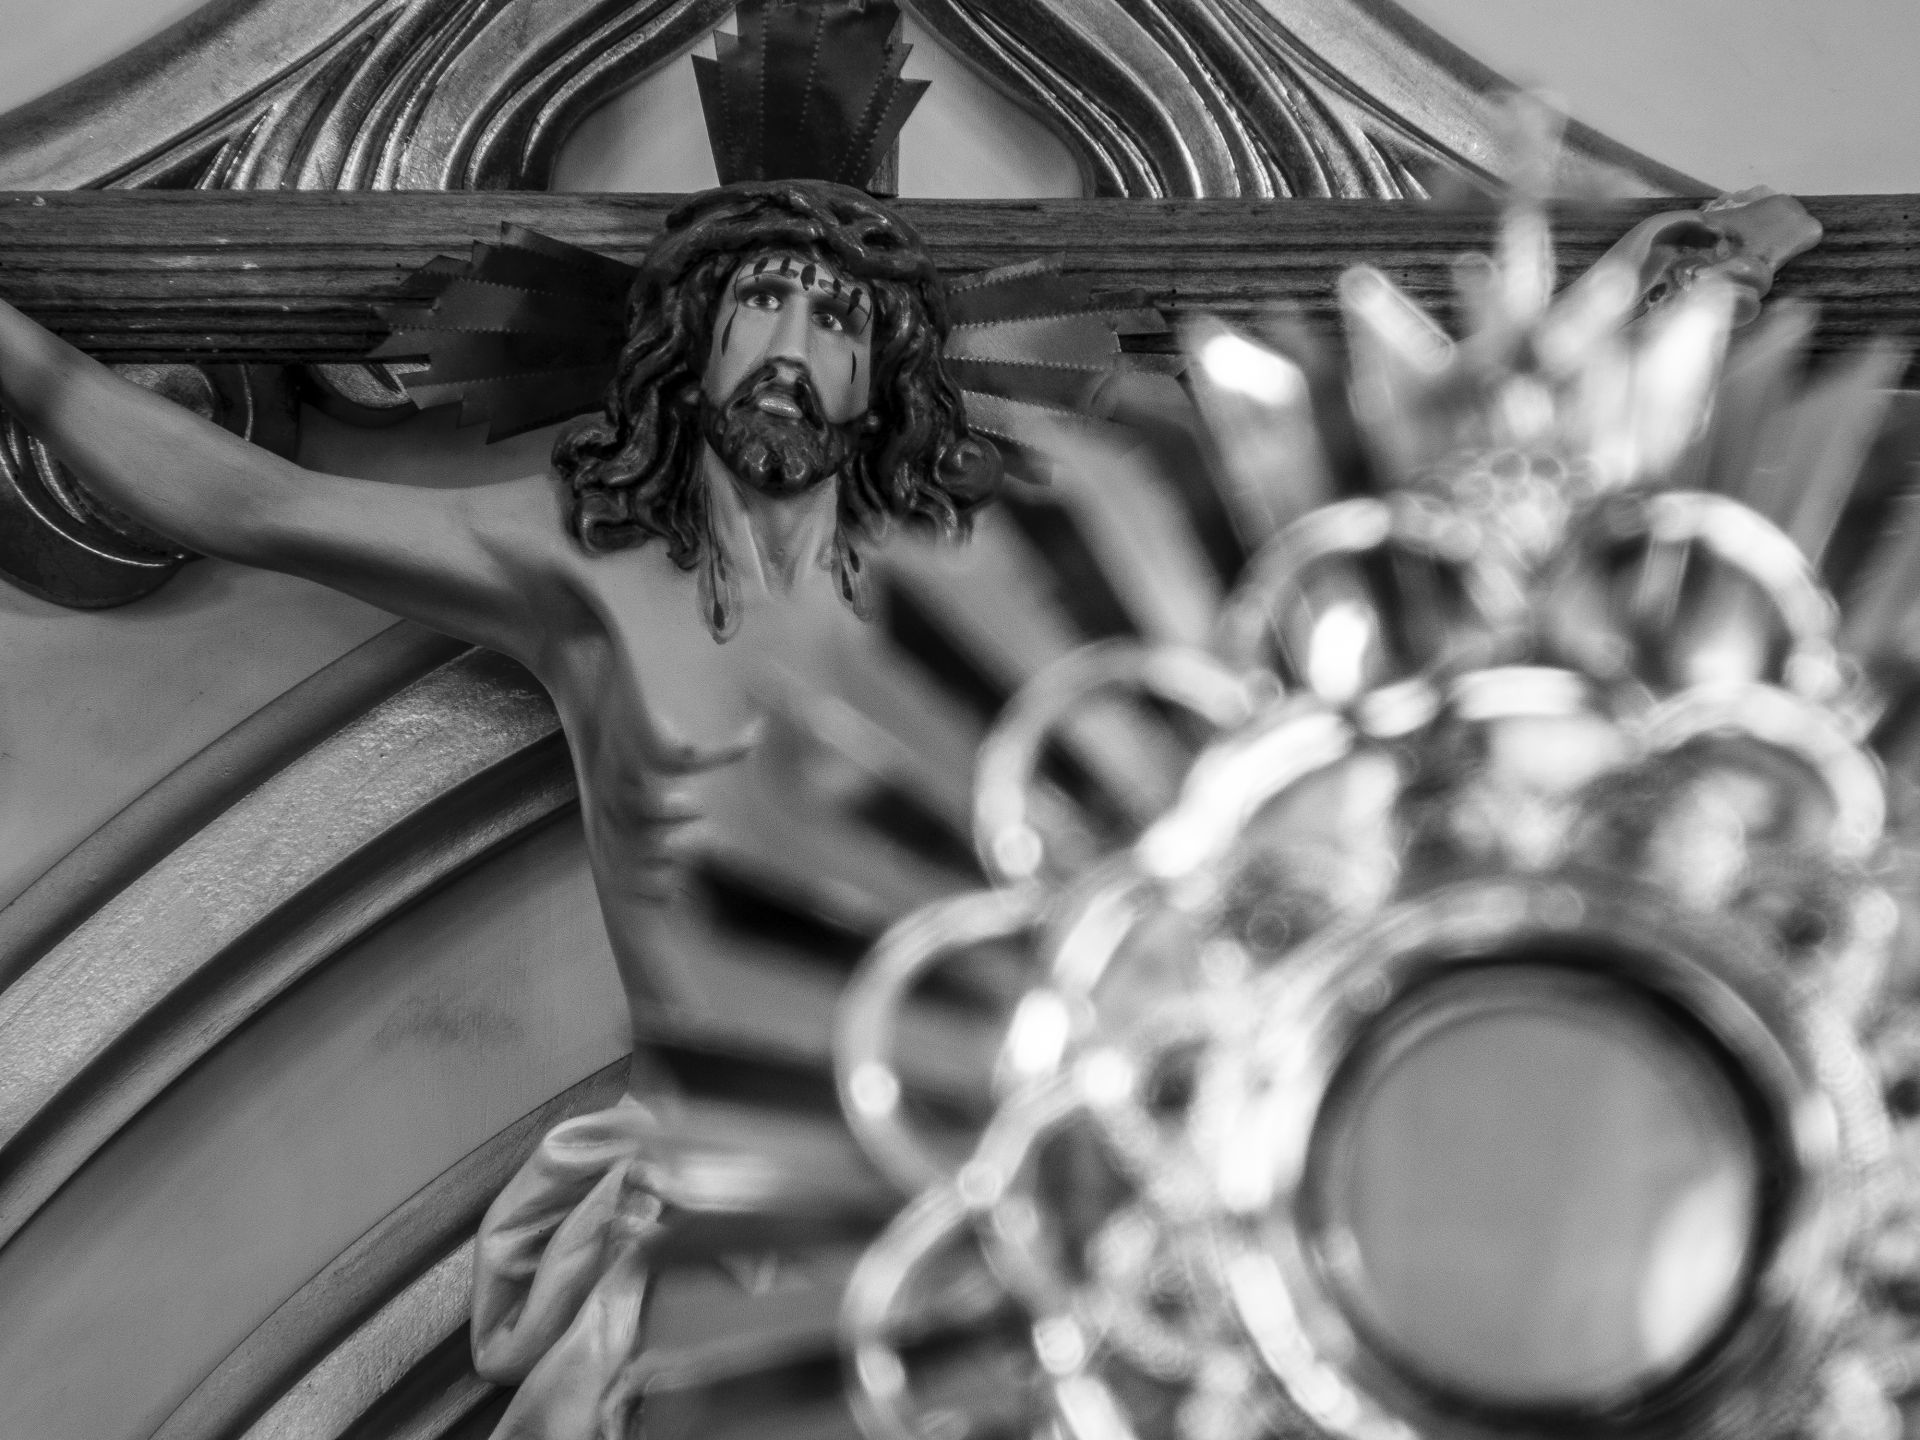 Cómo obtener la Misericordia de Dios, aunque su paciencia esté agotándose